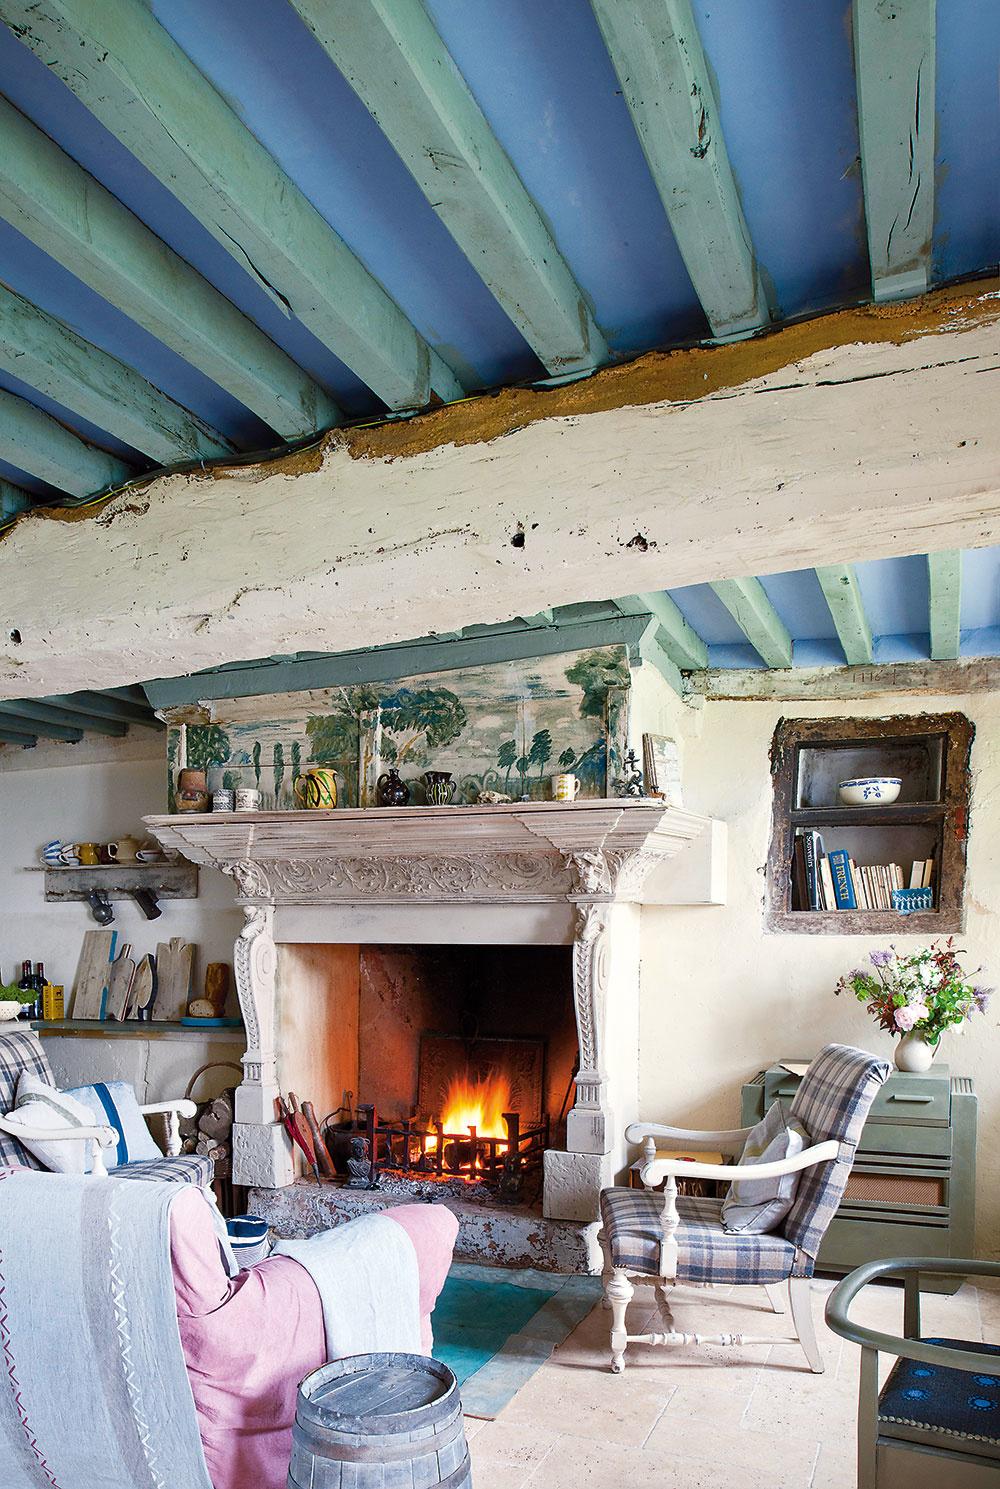 Jedna miestnosť Predsieň, kuchyňu aobývačku dokázala Annie vďaka použitým farbám azariadeniu príjemne skĺbiť do jedného otvoreného priestoru.